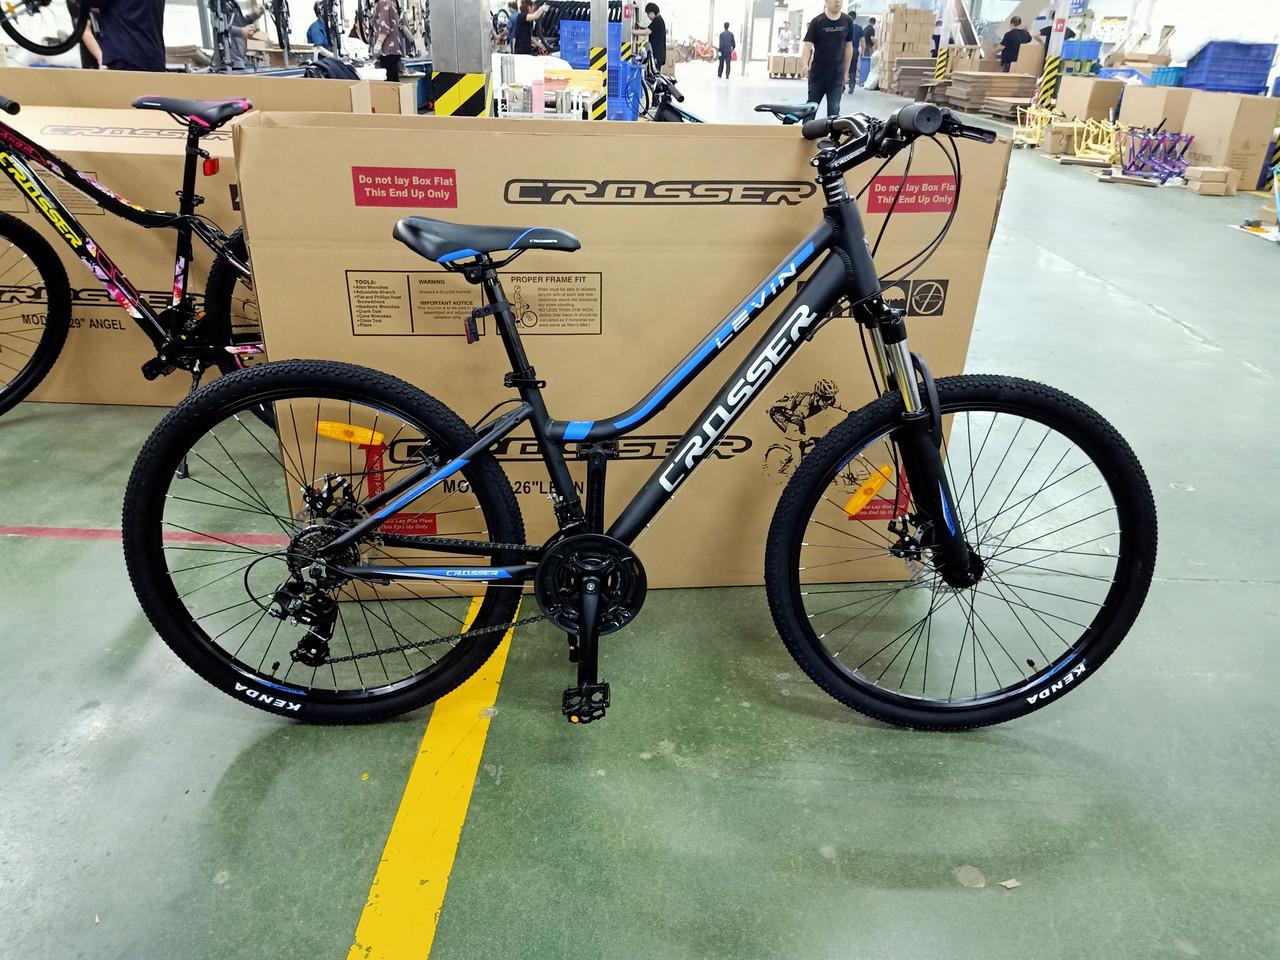 Велосипед CROSSER 26  LEVIN 14 2020 года Черно\Синий цвет